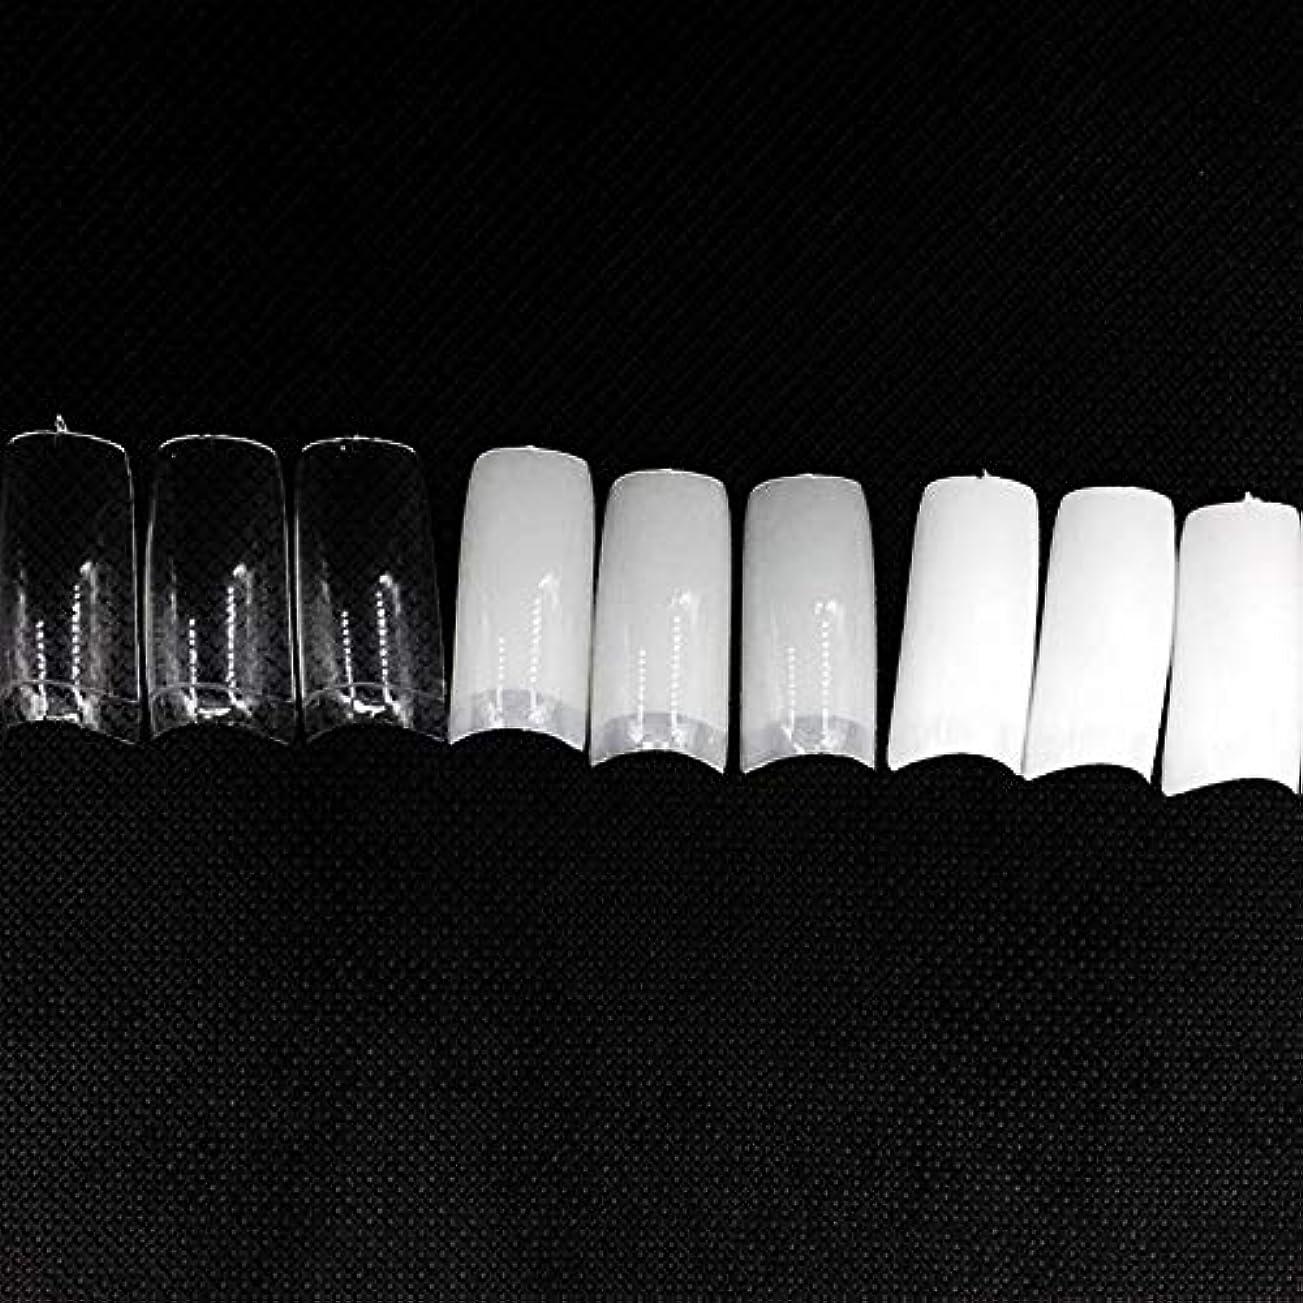 あるマエストロ連結するネイルチップ つけ爪 偽爪 無地 ロング オーバル 10サイズ デコレーション フルチップ シンプル DIY デザイン 500個/セット Moomai